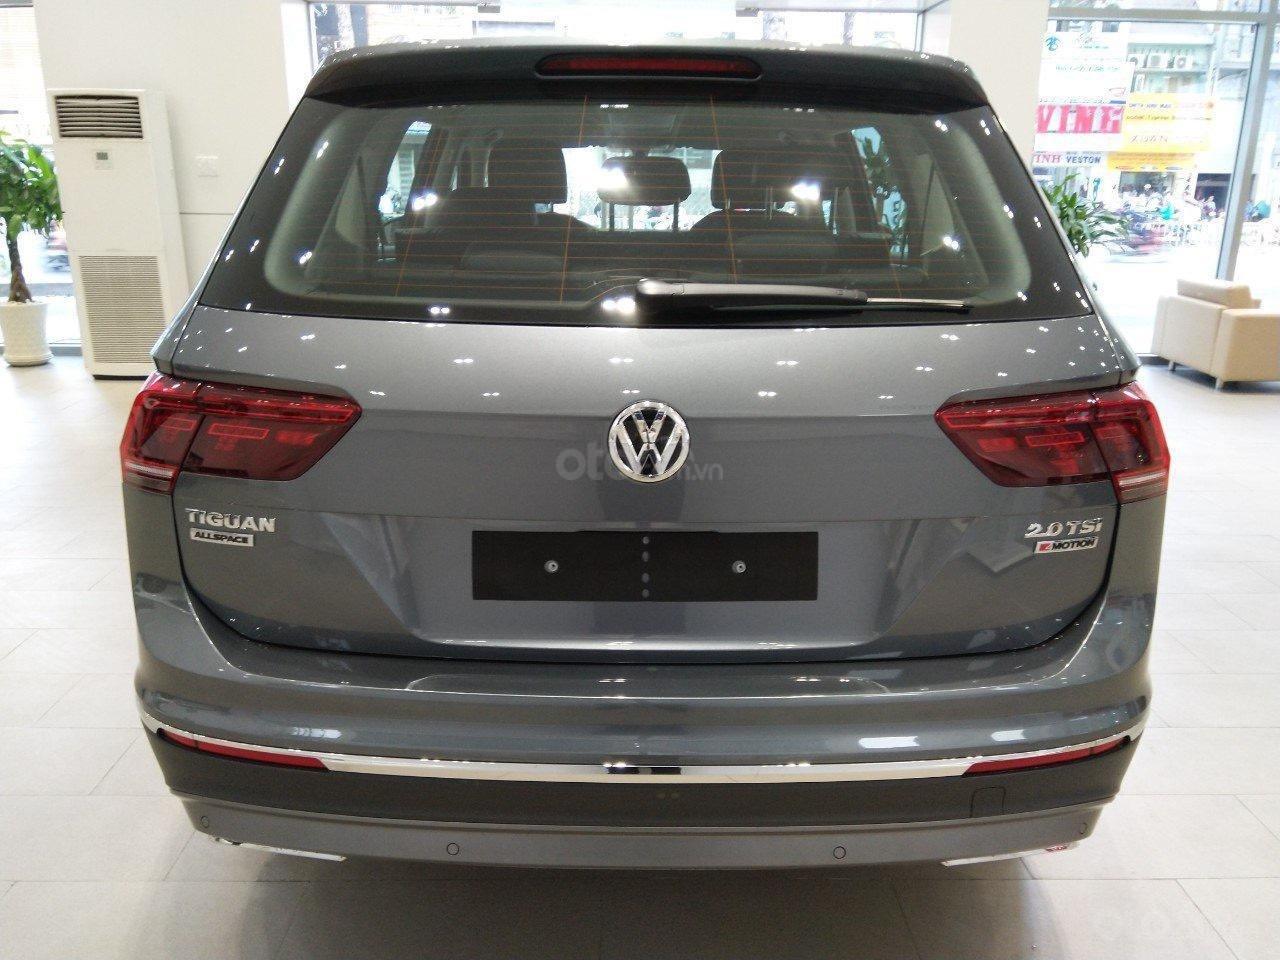 Bán Volkswagen Tiguan năm 2019, nhập khẩu nguyên chiếc chiết khấu cao (5)